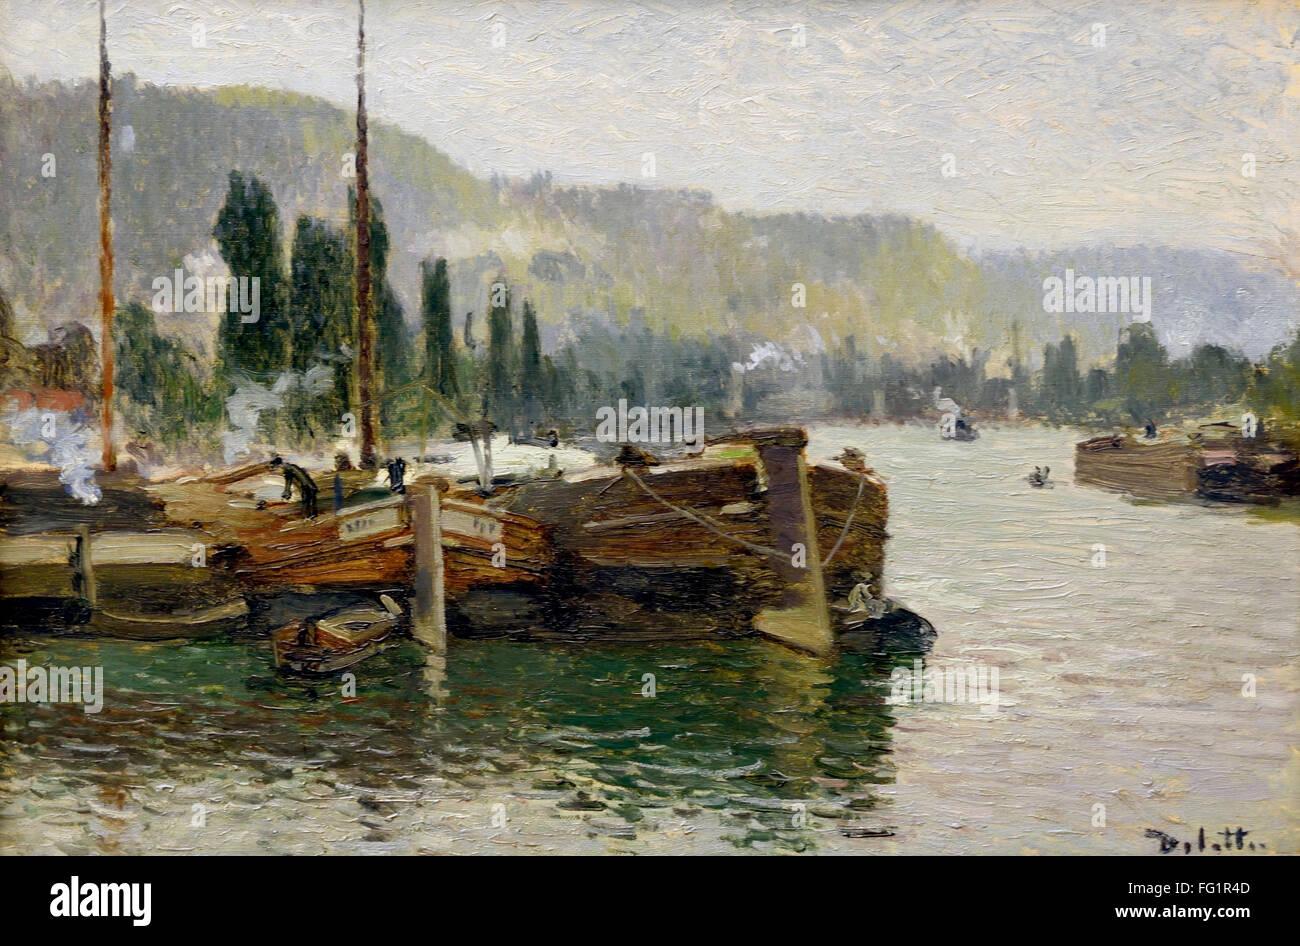 Peintres Ecole De Rouen joseph delattre. 1858-1912. l'école de rouen. péniche pré